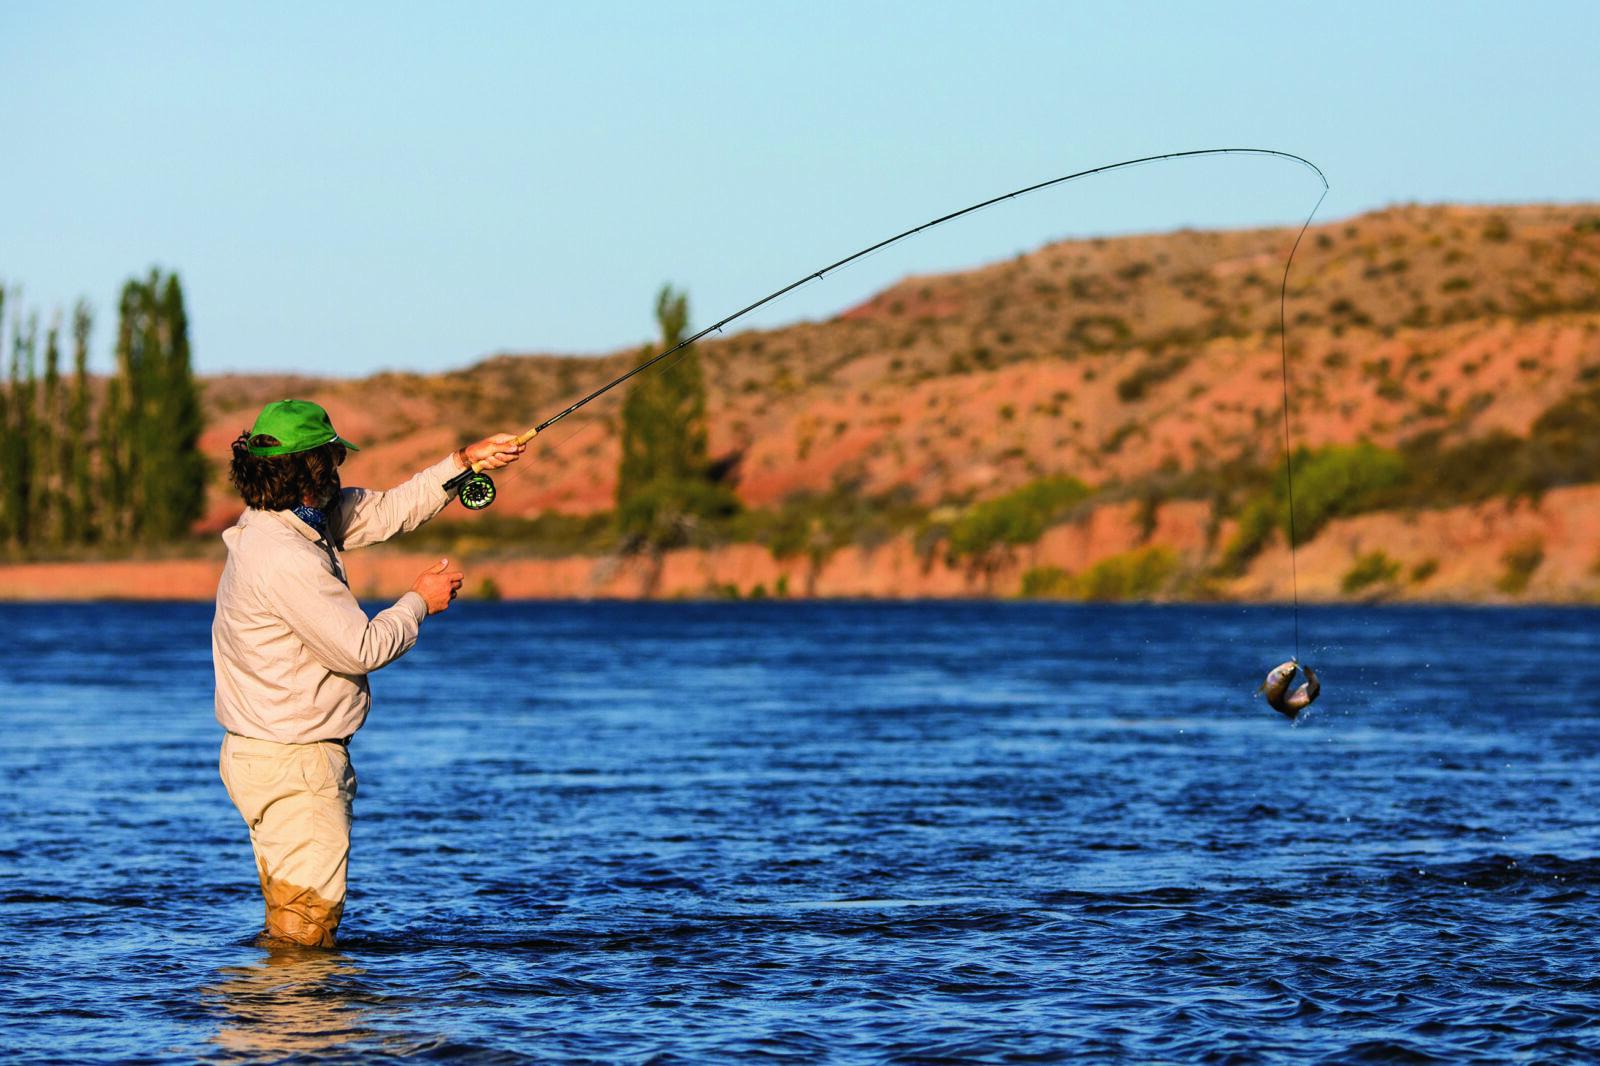 釣るだけが釣りの楽しみではない。 – FLY FISHING –